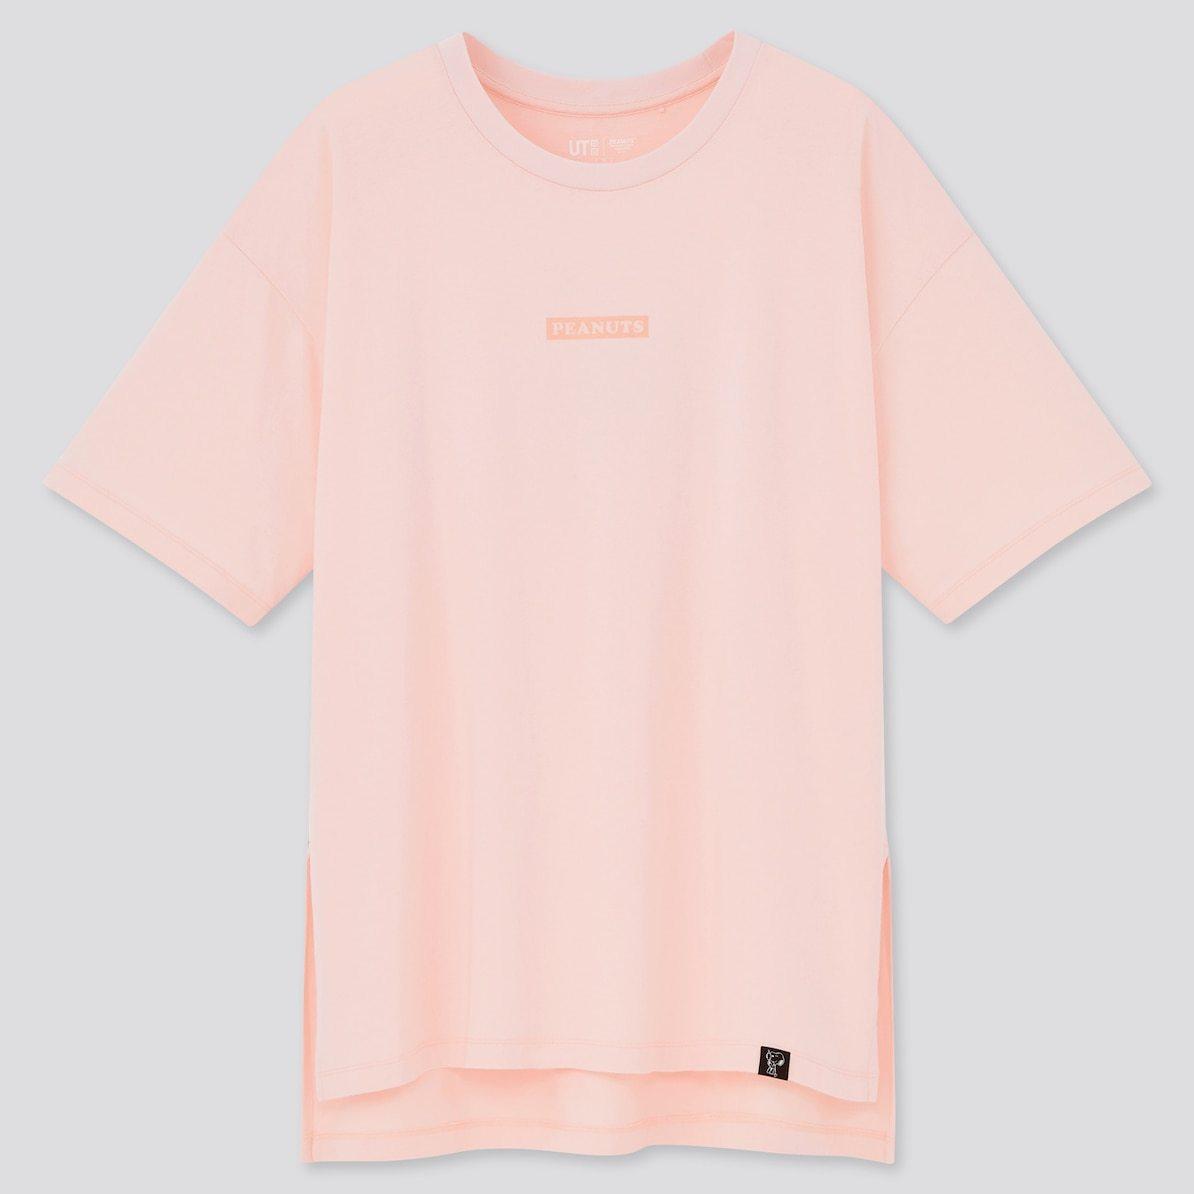 ユニクロ UNIQLO UT Tシャツ ユーティー スヌーピー ピーナッツ SNOOPY PEANUTS ヴィンテージ VINTAGE コラボ 新作 トップス おすすめ レディース 女性 ピンク